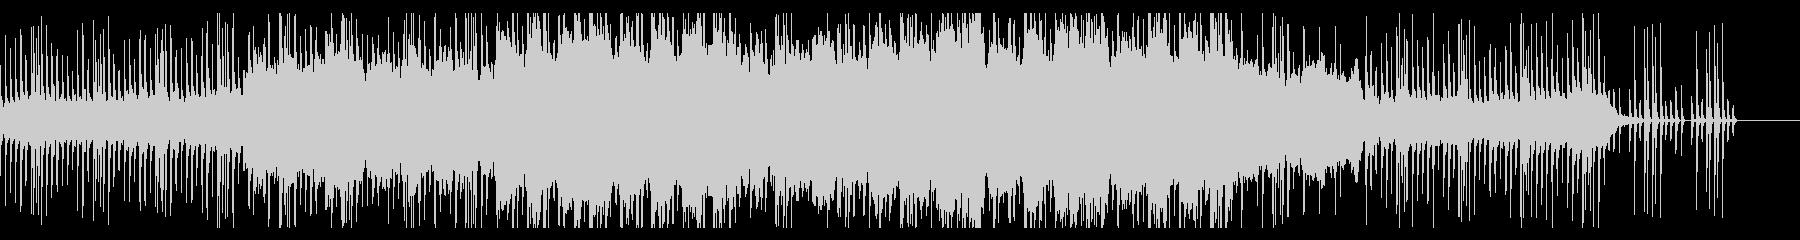 切ない尺八のメロディーの和風曲の未再生の波形